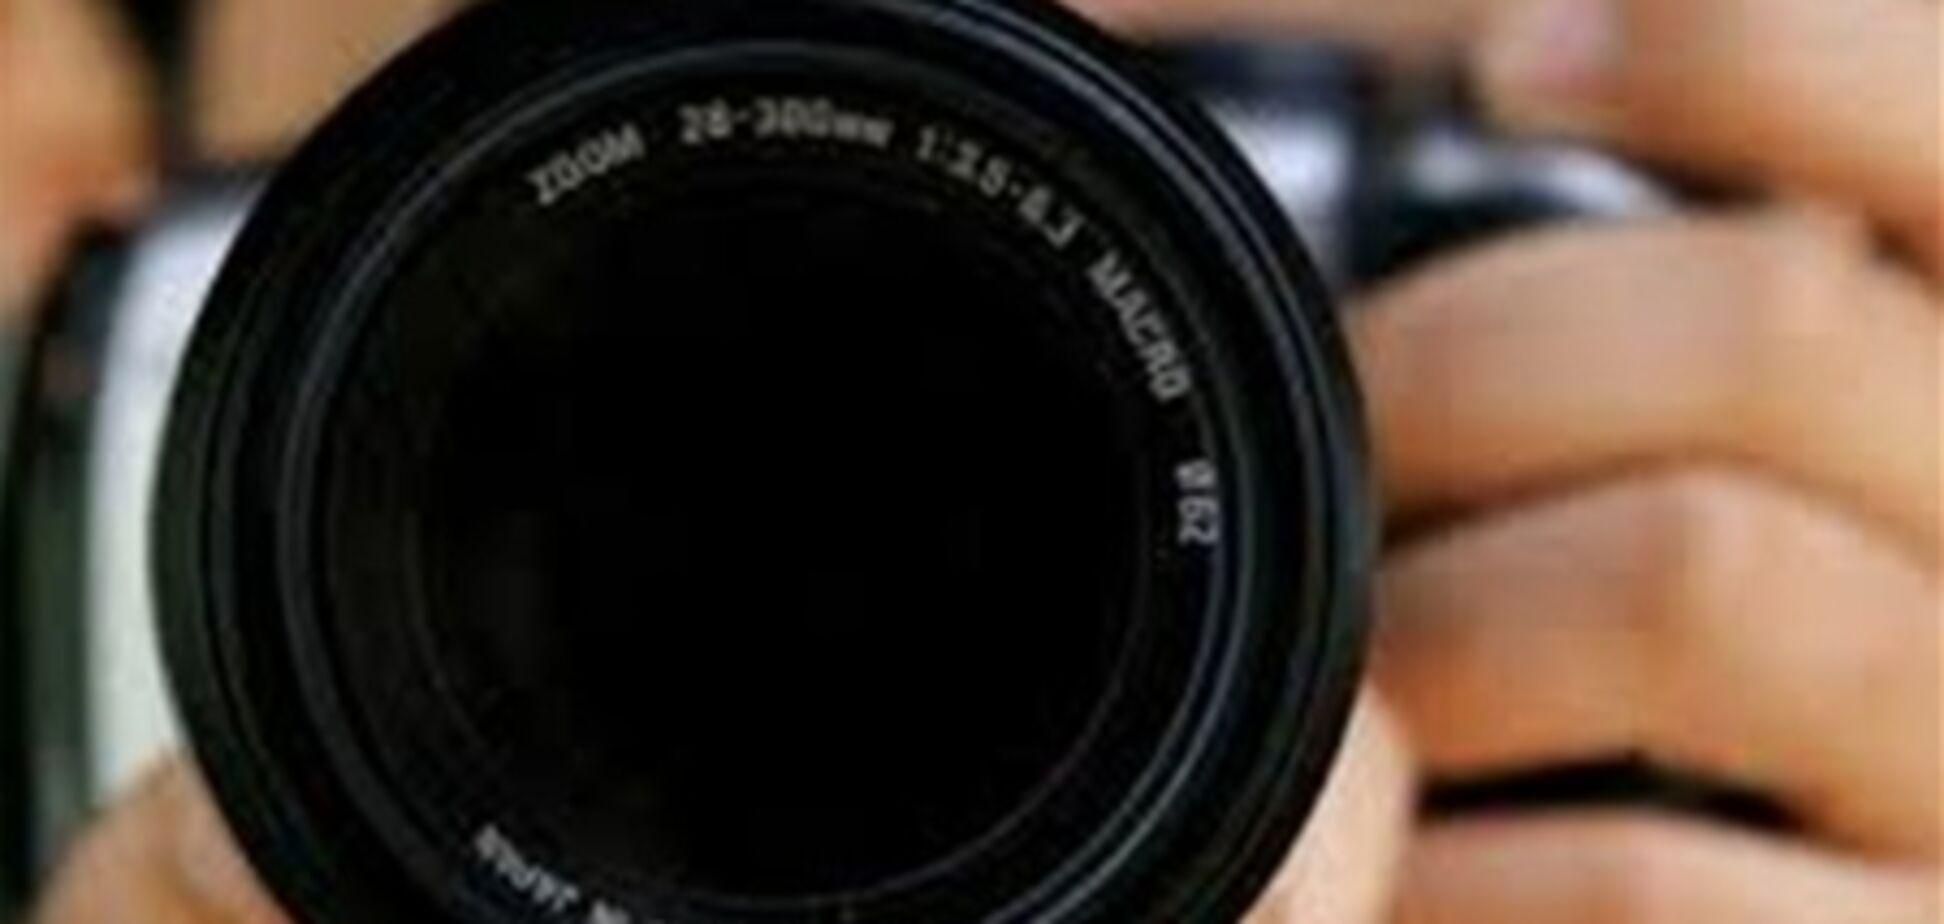 Російському фотографові заборонили в'їзд в Україну